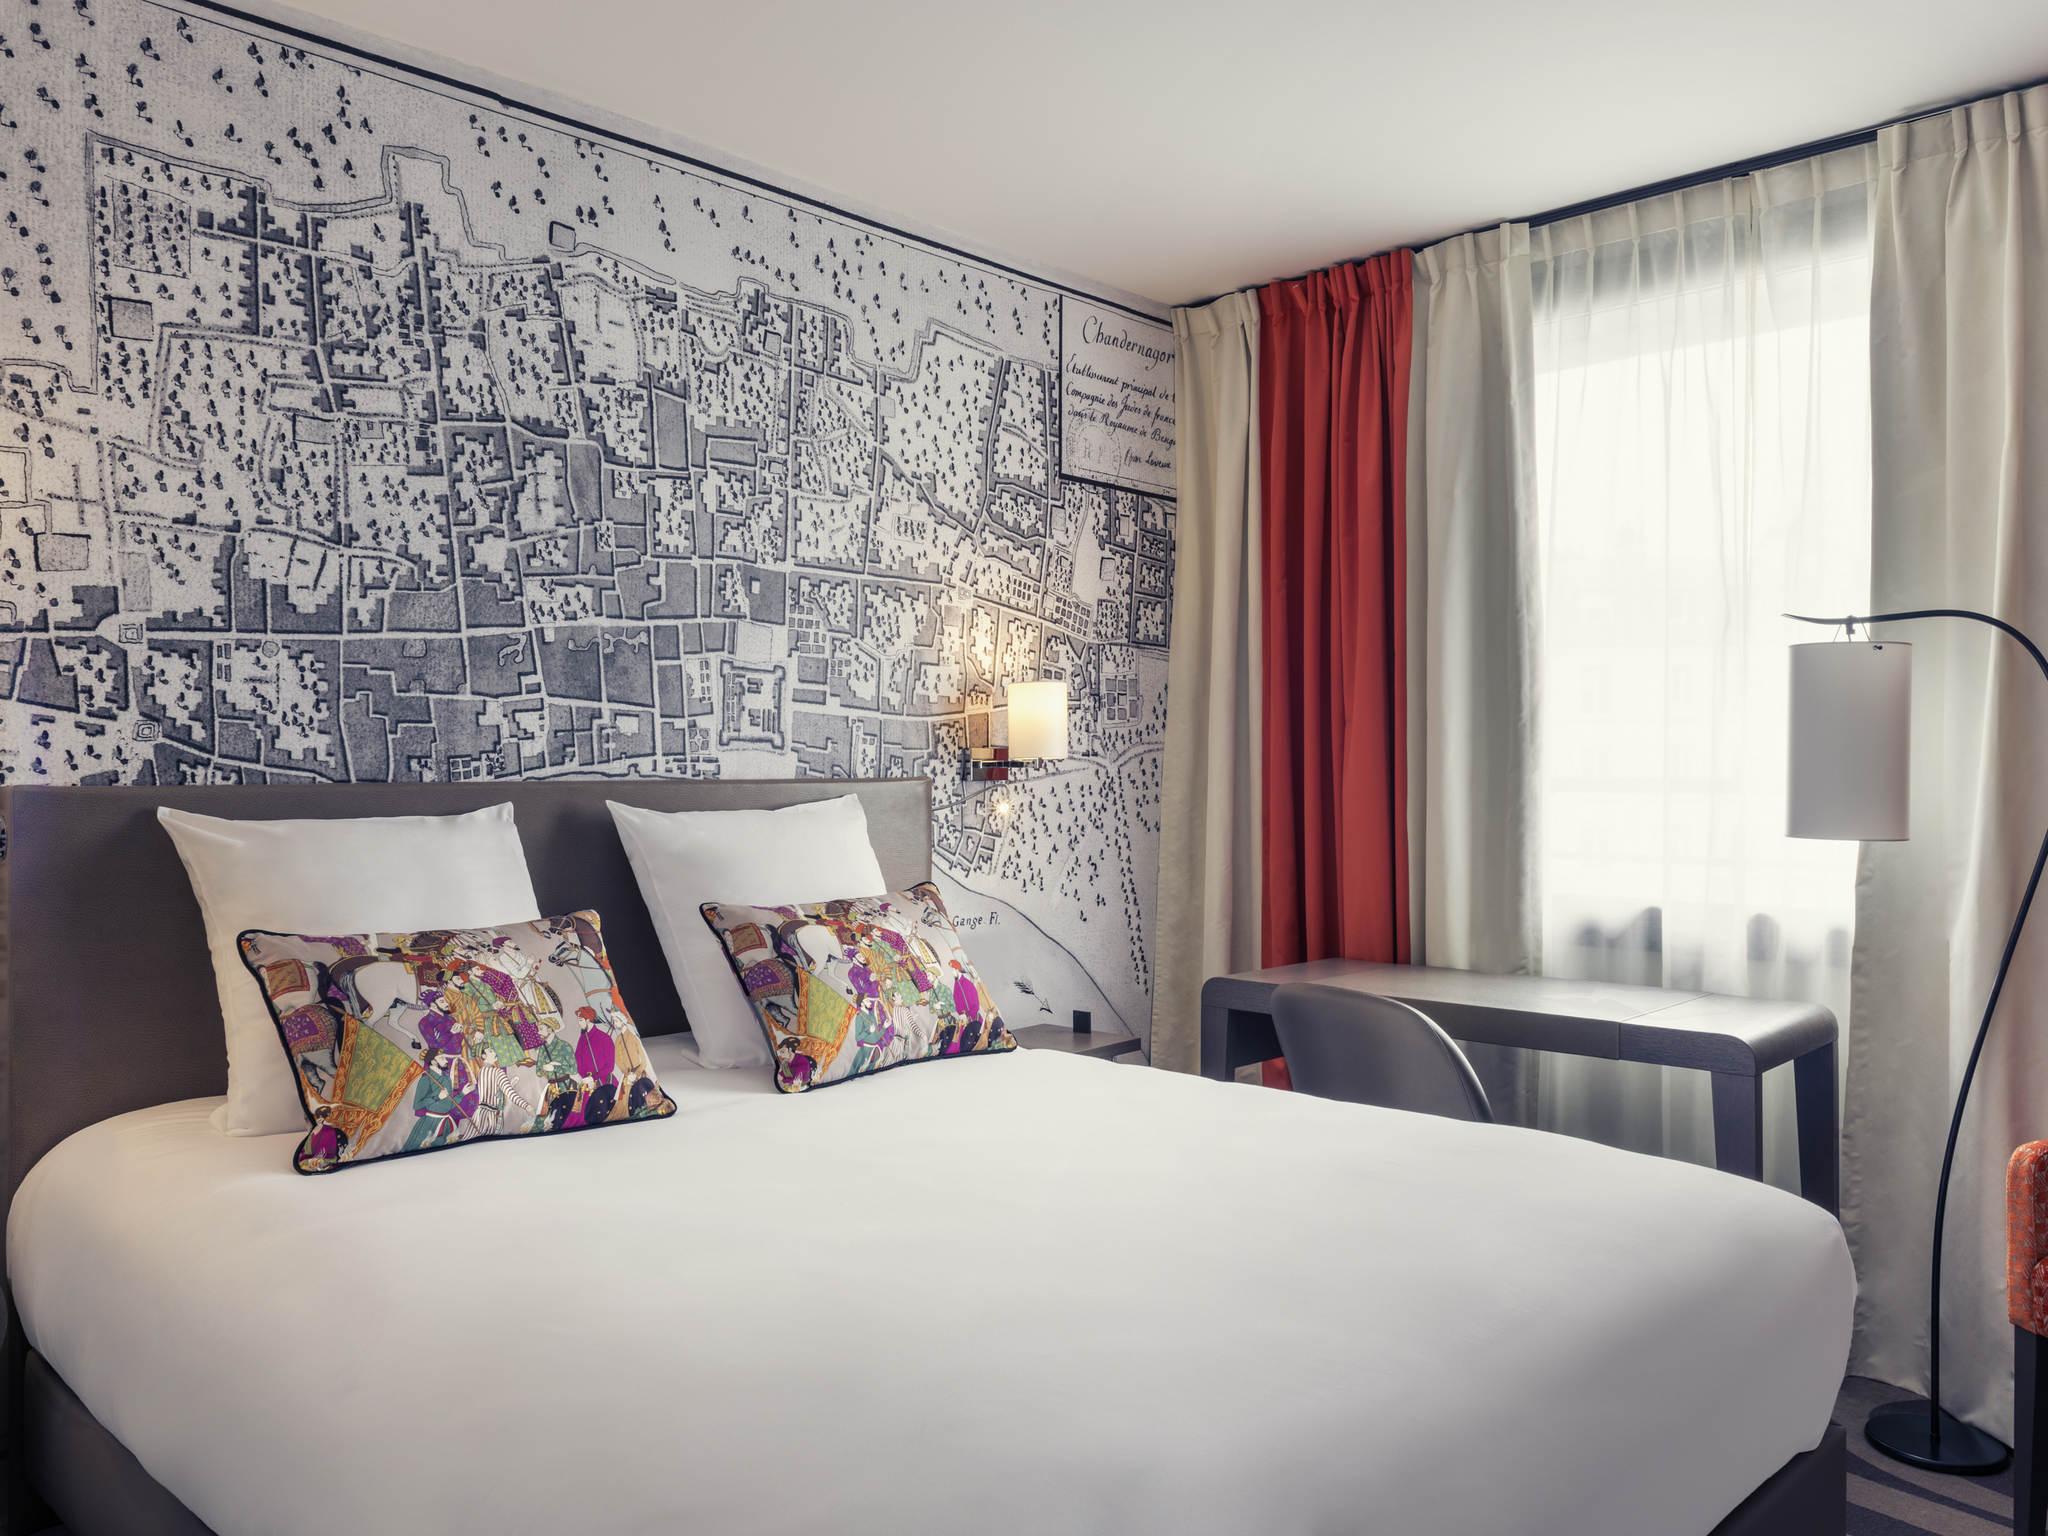 castorama bir hakeim d co castorama jardin piscine saint denis with castorama bir hakeim rooms. Black Bedroom Furniture Sets. Home Design Ideas